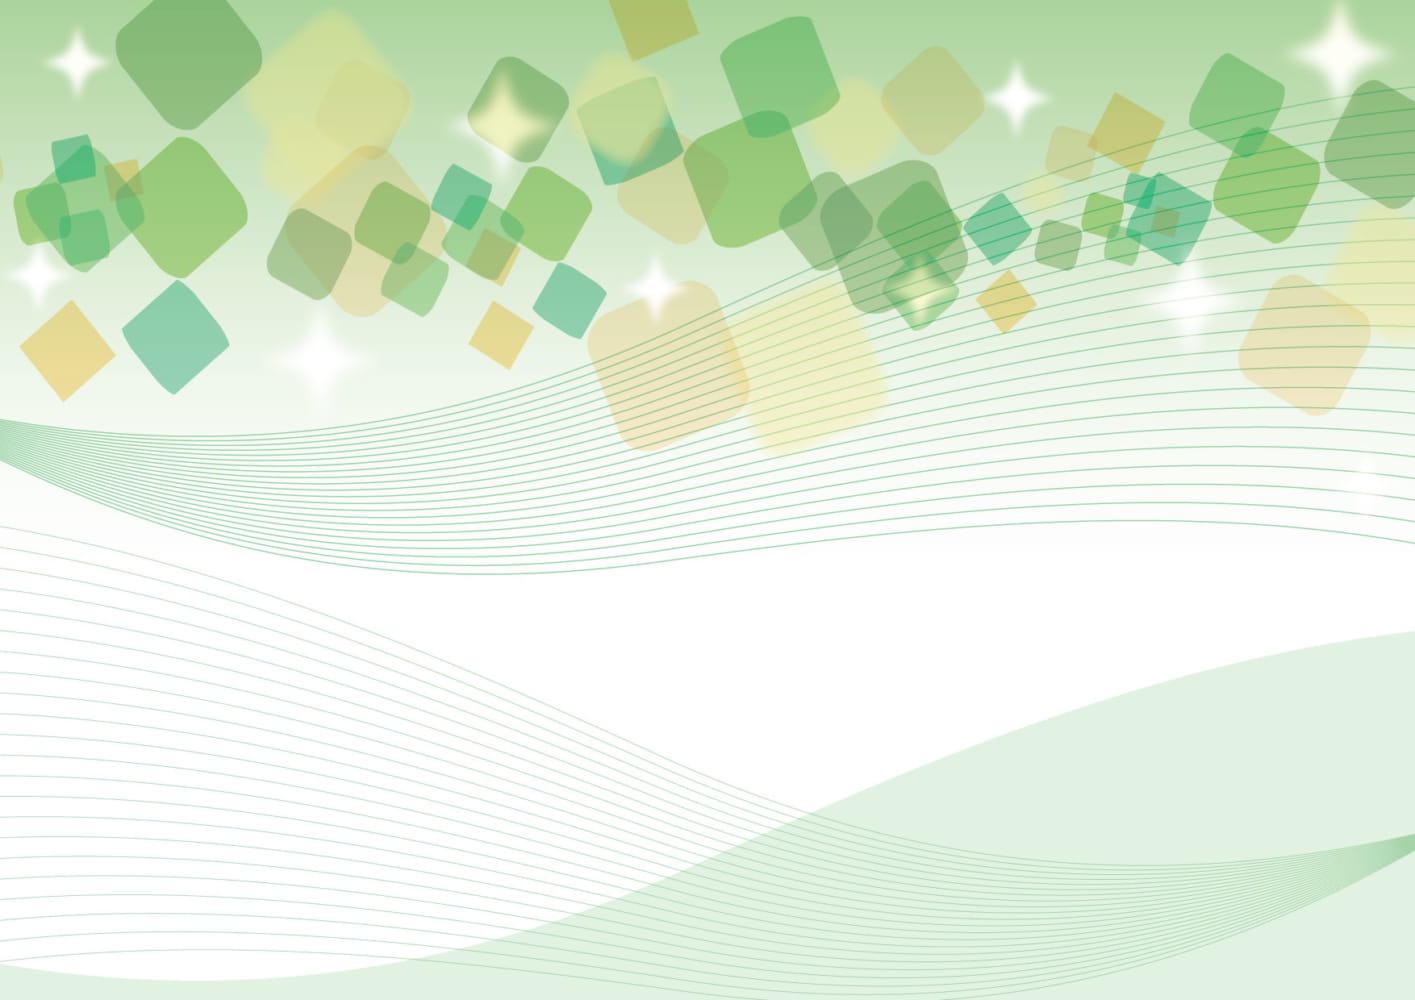 流線型 背景 素材 フリー シンプル グラデーション | www.thetupian